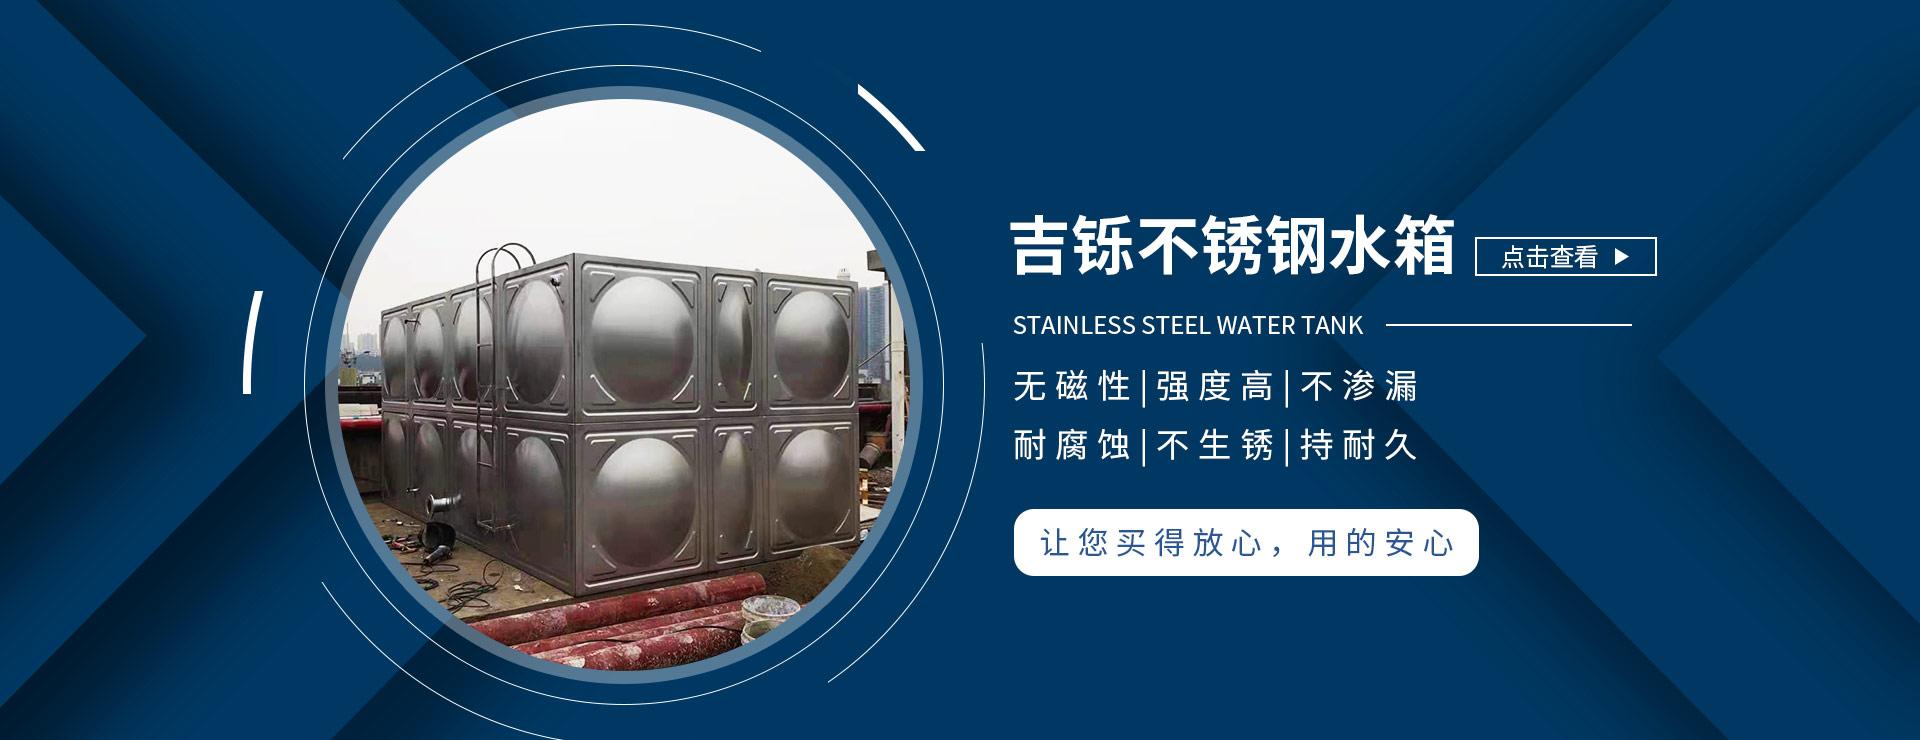 重庆不锈钢水箱定做厂家